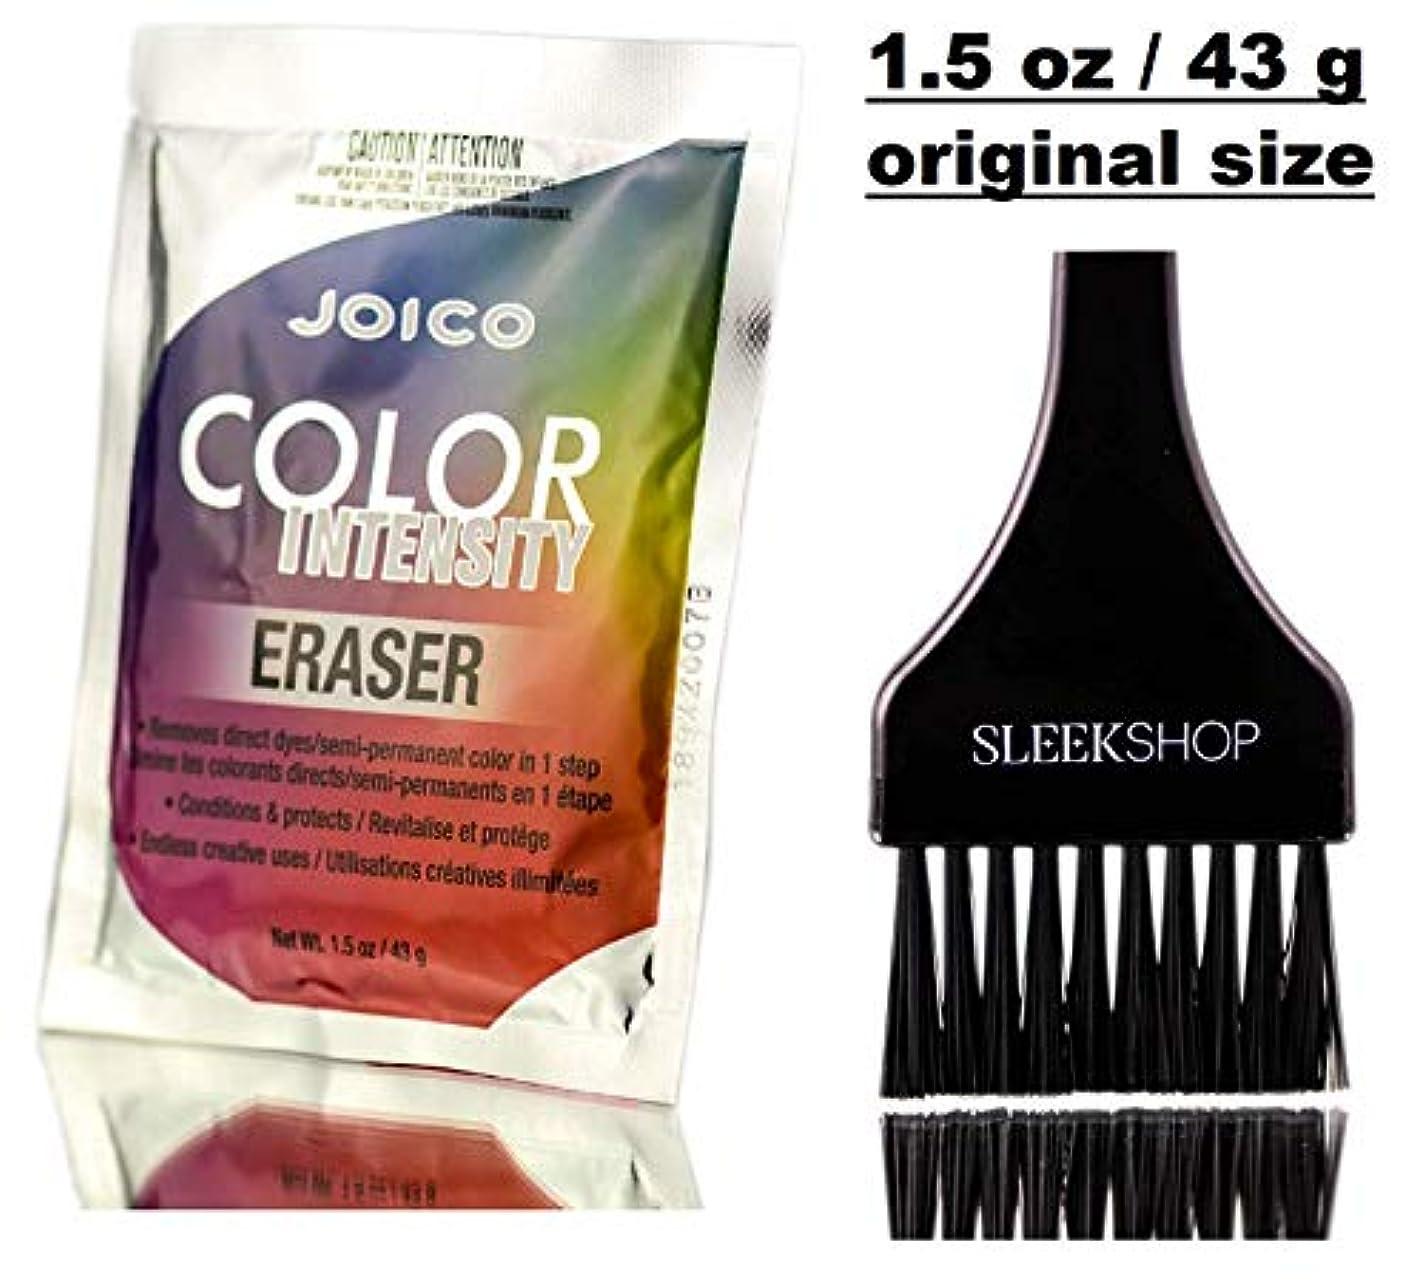 超音速カートリッジ武装解除Joico Color Intensity Eraser 、削除し直接染料&半永久的な色で1ステップ、条件&保護し、エンドレスクリエイティブ使用方法(スタイリストキット)クリームヘアカラー髪の色素(1.5オズ - オリジナルサイズ...